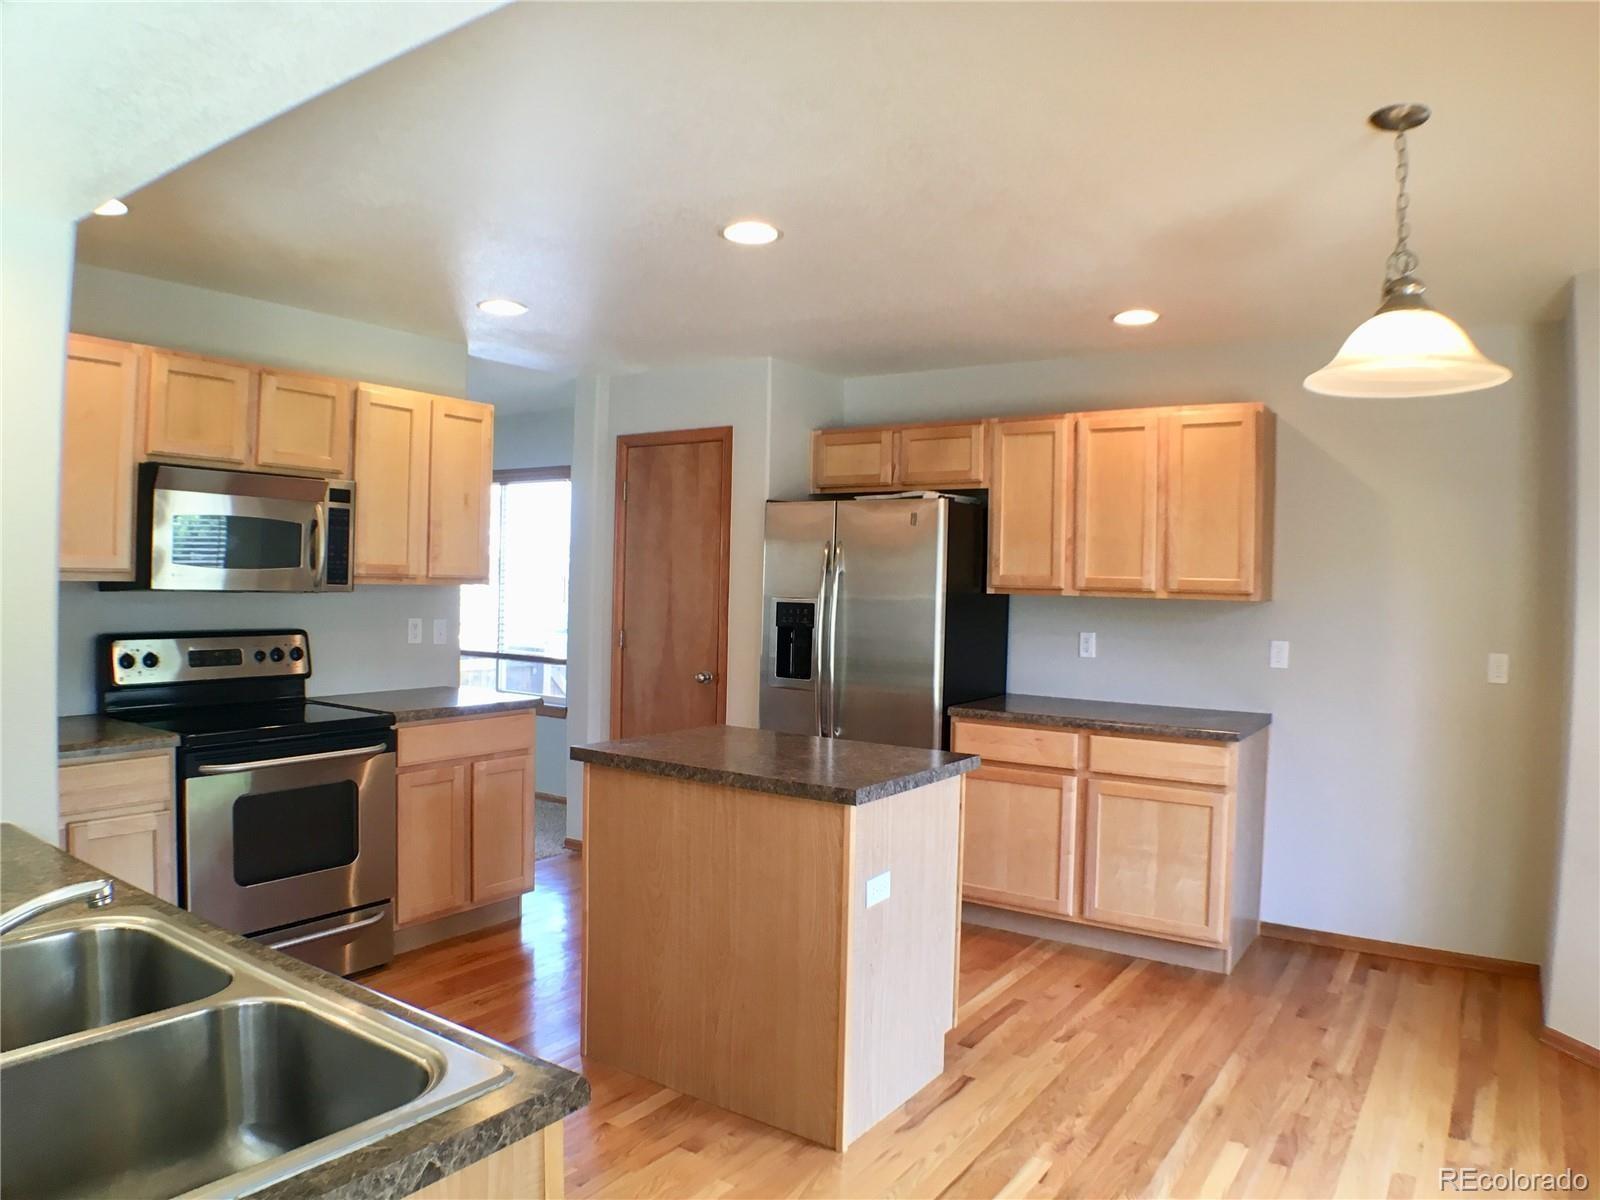 MLS# 9673988 - 6 - 13835 Antelope Pass Place, Colorado Springs, CO 80921